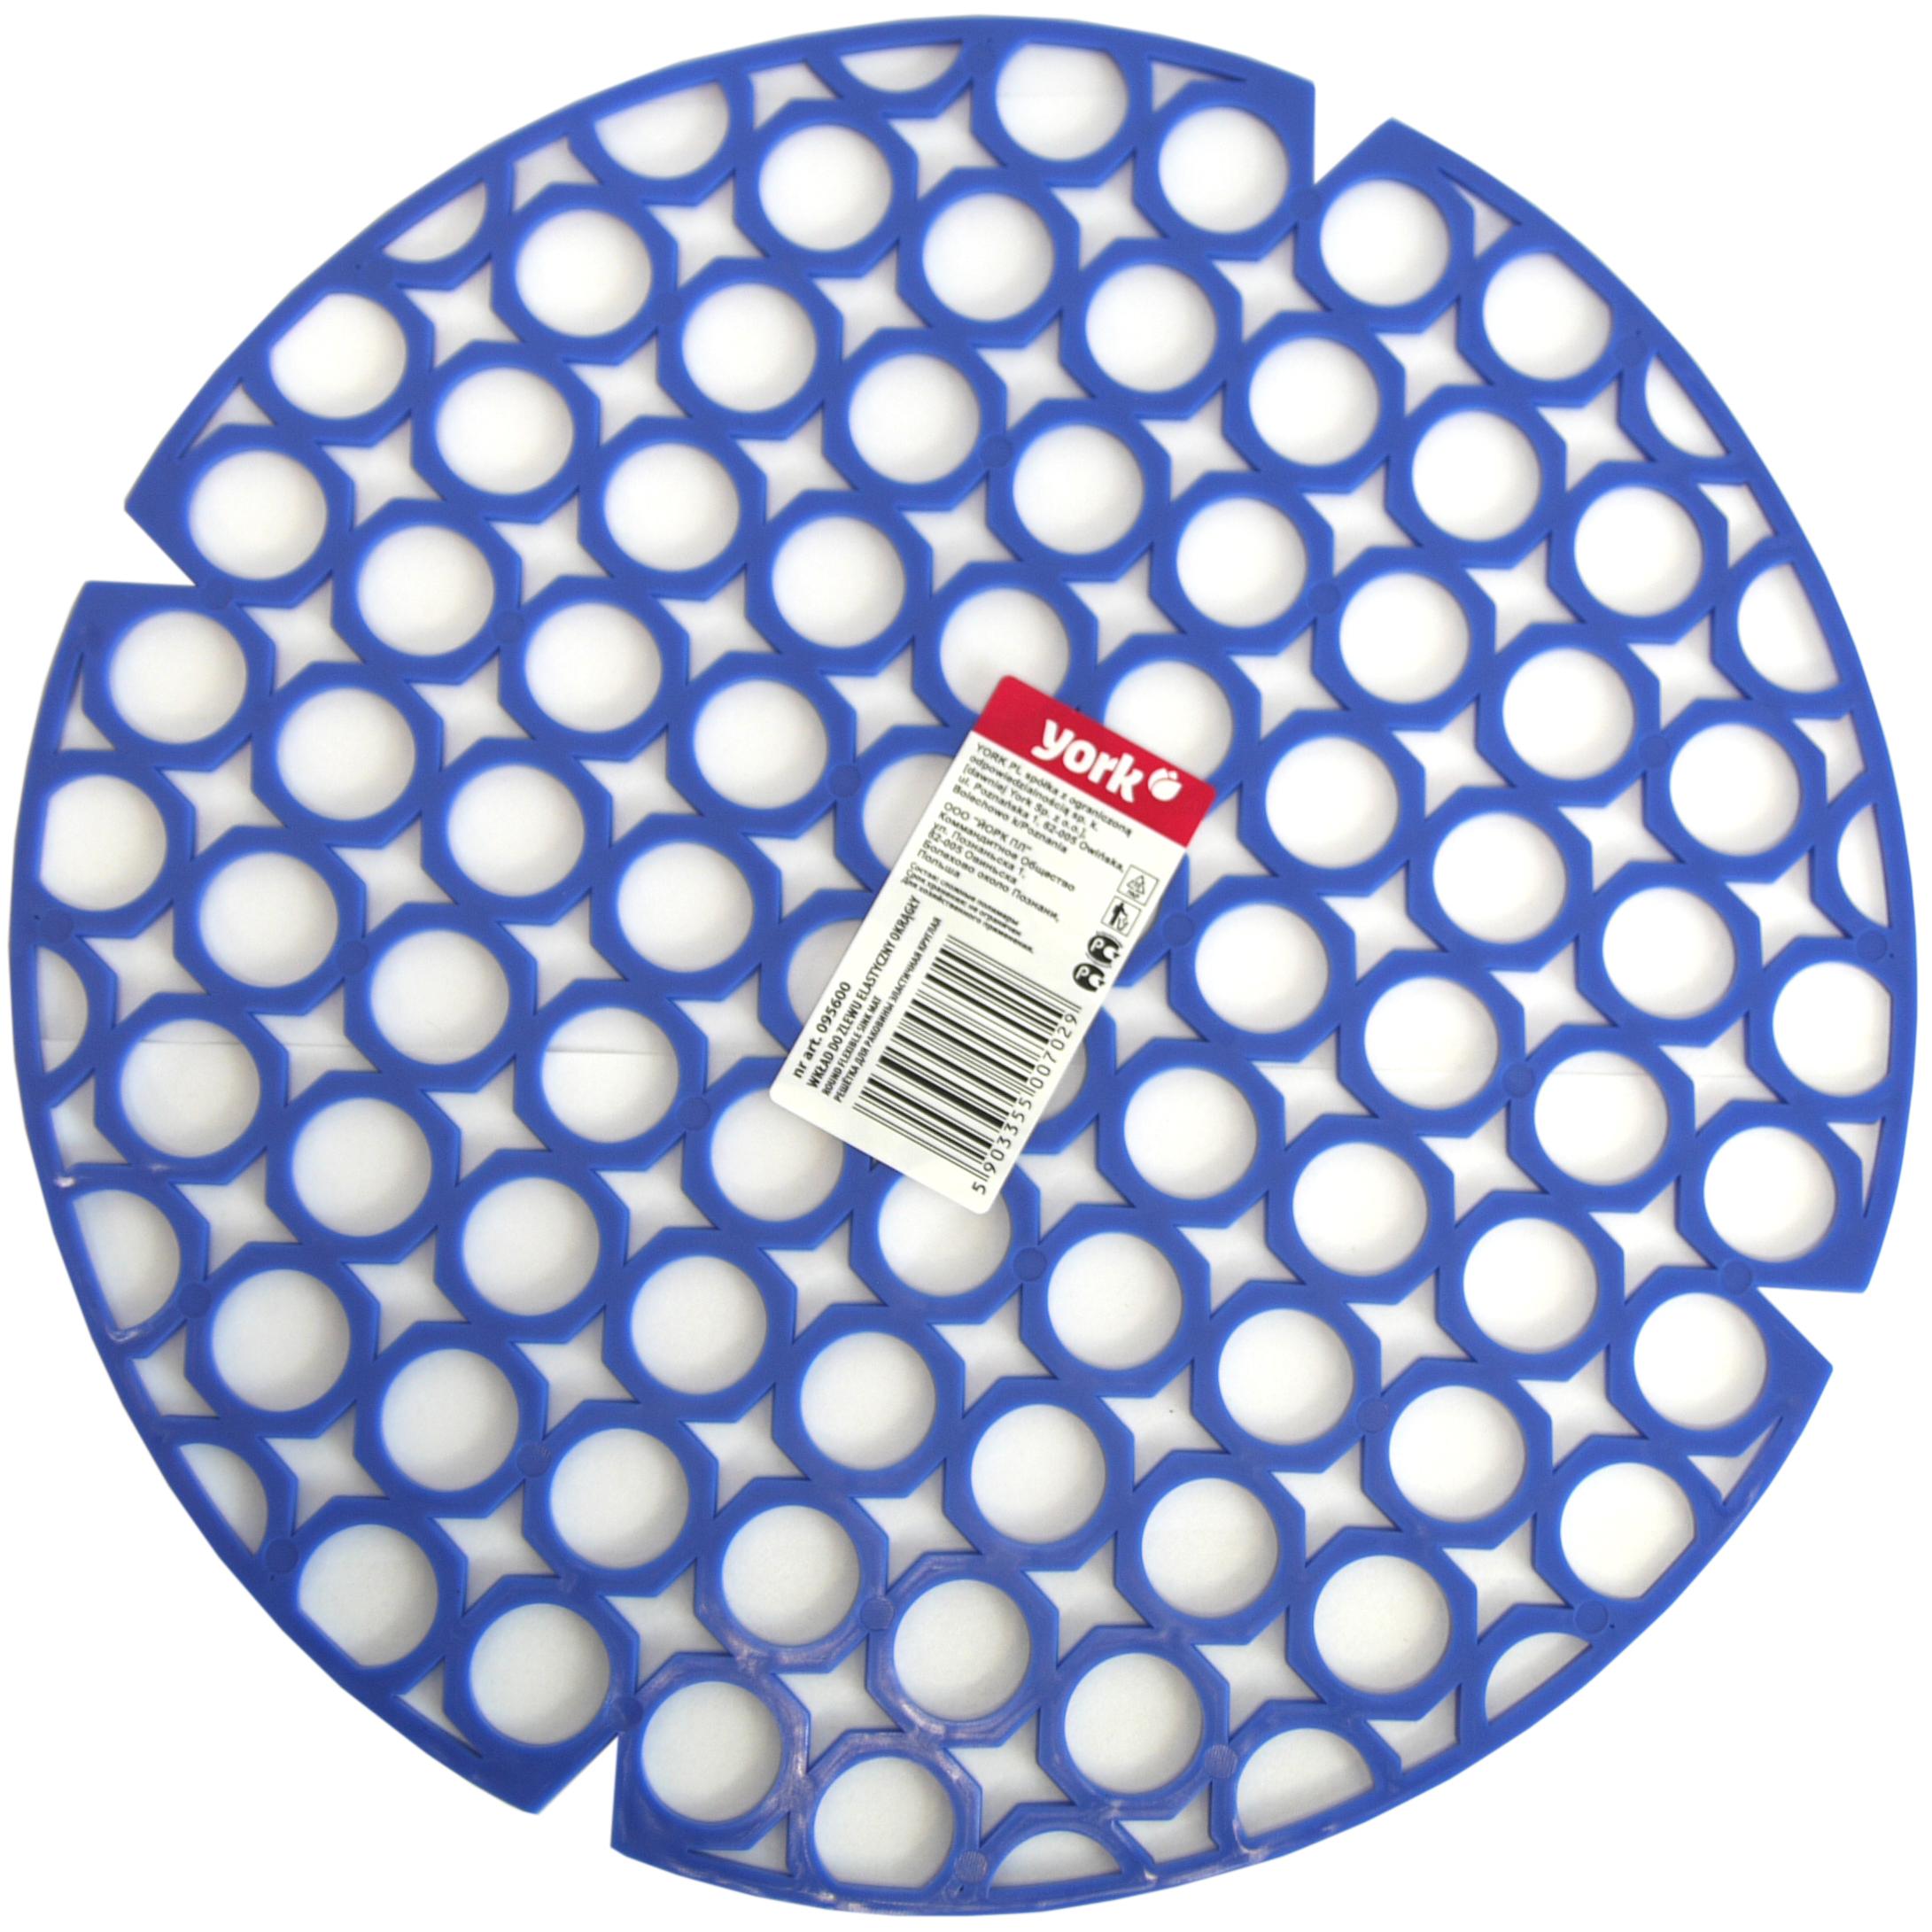 02315 - Spülbeckeneinlage rund, Ø 28 cm, flexibel